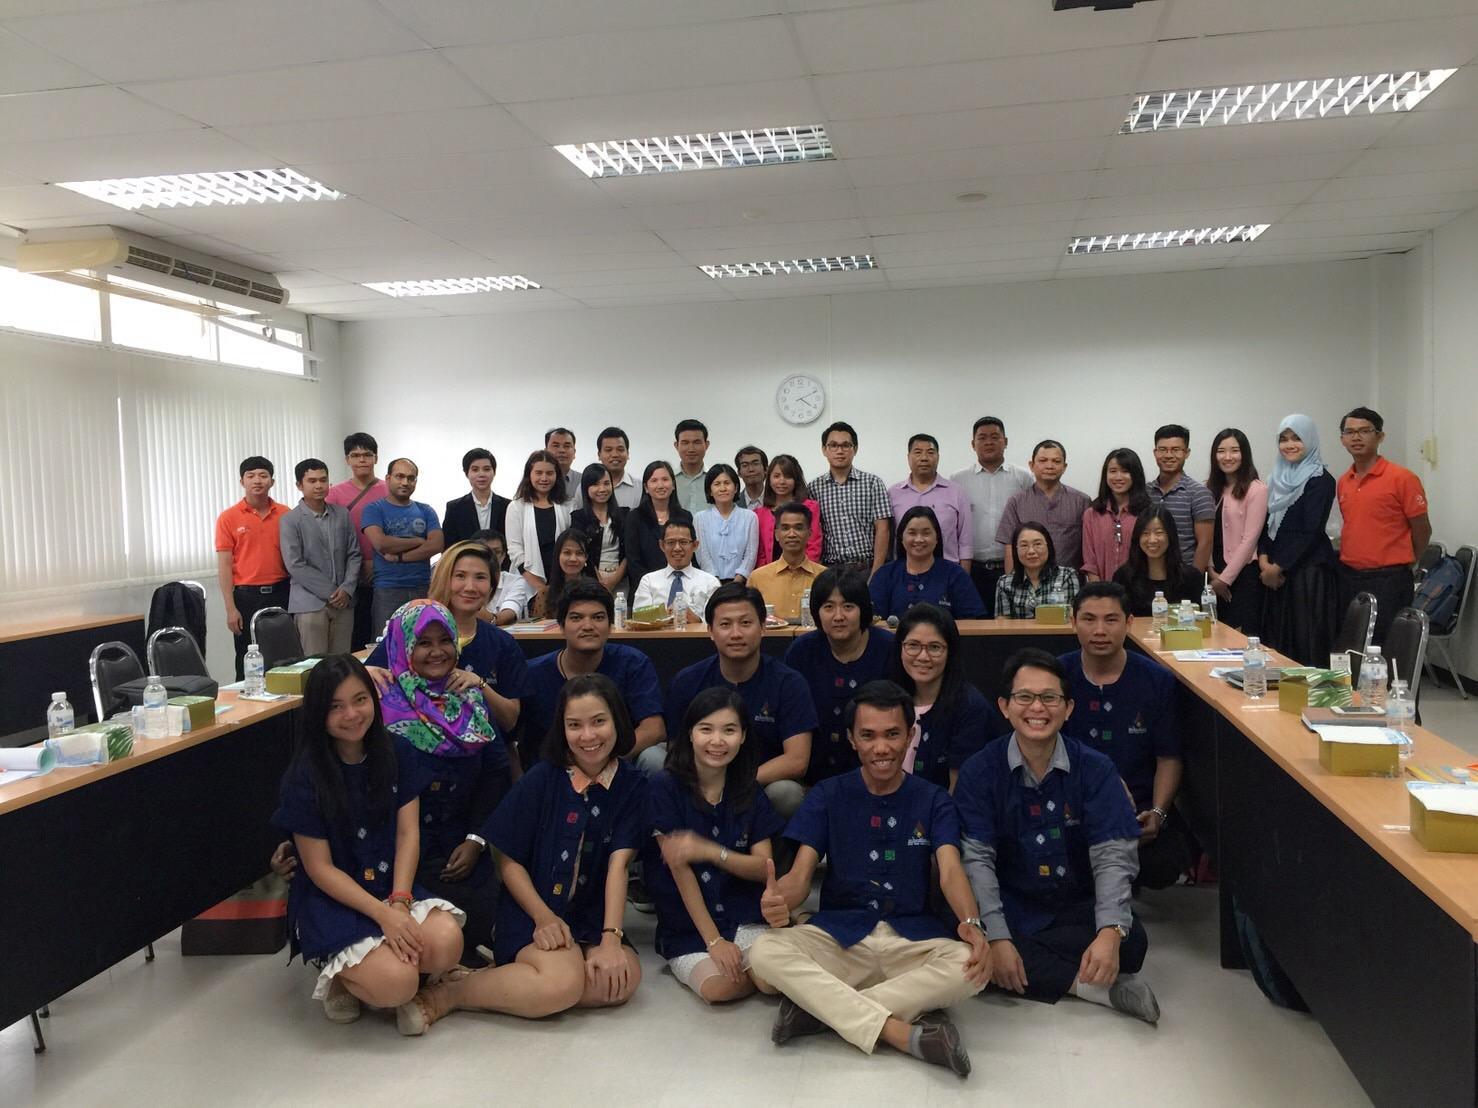 Sinh viên YHDP Khoa Y tế Công Cộng – Trường Đại học Y Dược Huế tham gia khoá thực tập hè tại Đại học Khon Kaen, Thái Lan